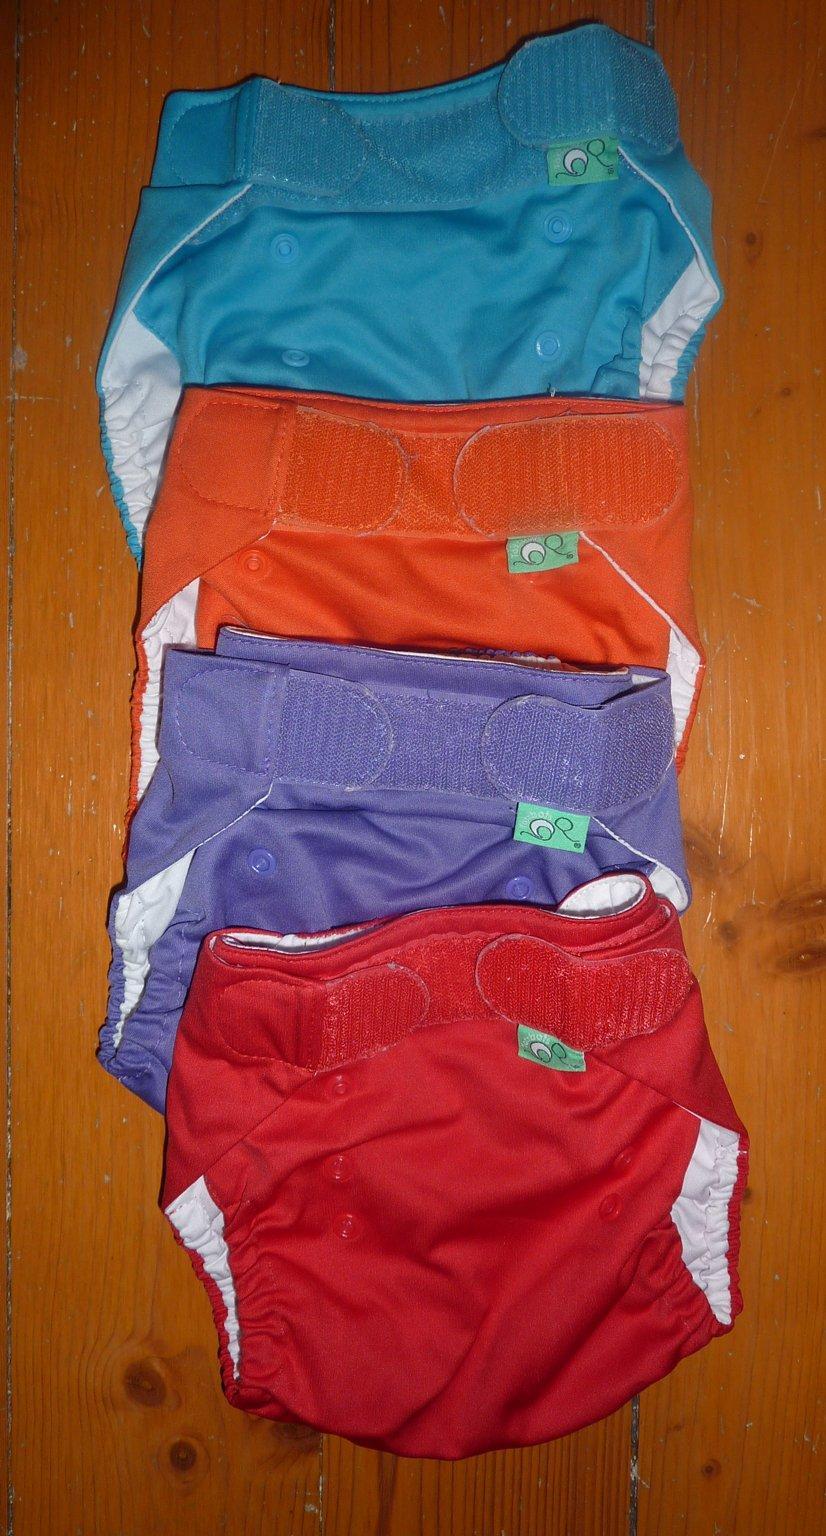 Tots bots svrchní kalhotky na látkové plenky b607e44ef3